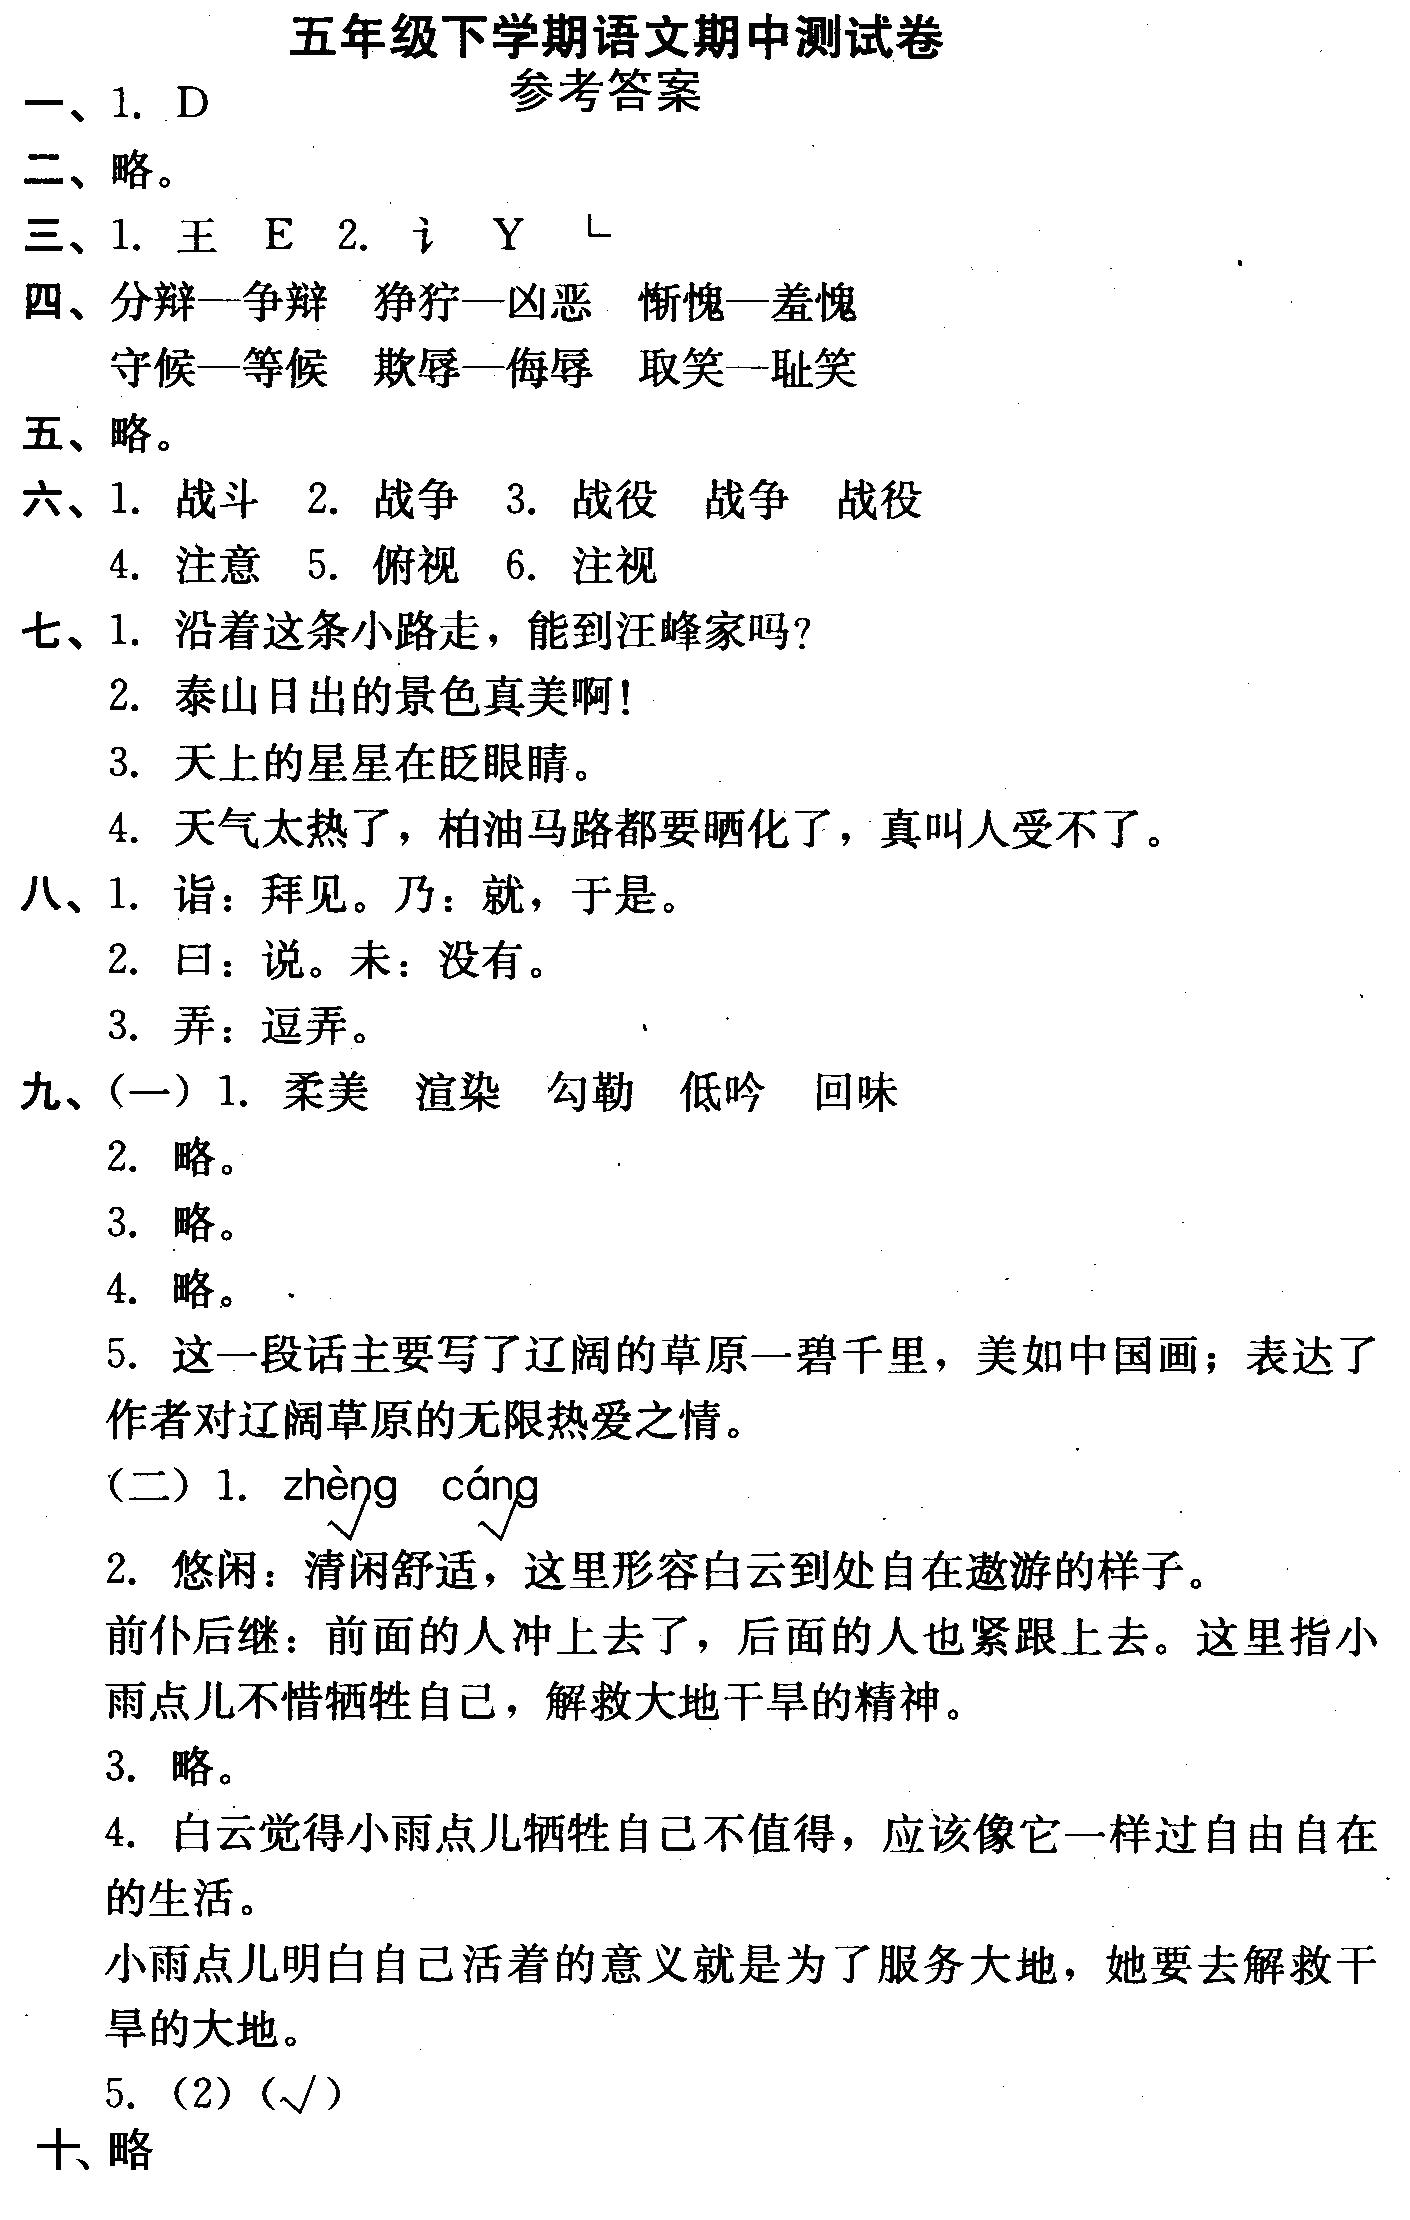 下册版五语文年级年级期中试卷初中期末试卷五语文初中年级人教保定升语文爱民哪个图片